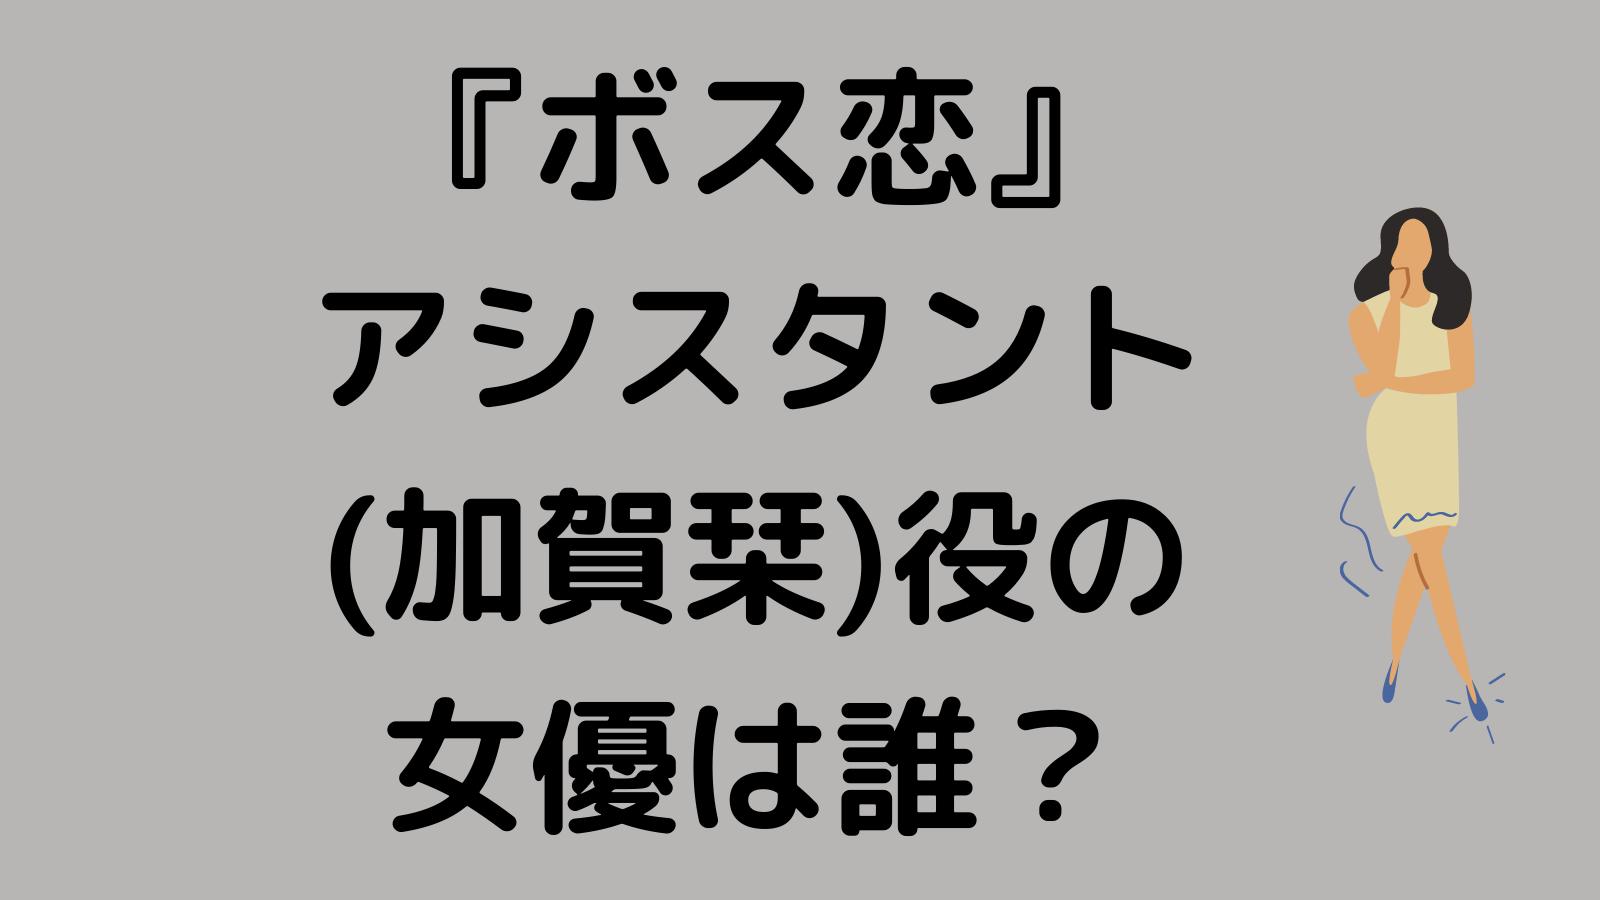 ボス恋 アシスタント(加賀栞/かがしおり)役キャストの女優は誰?